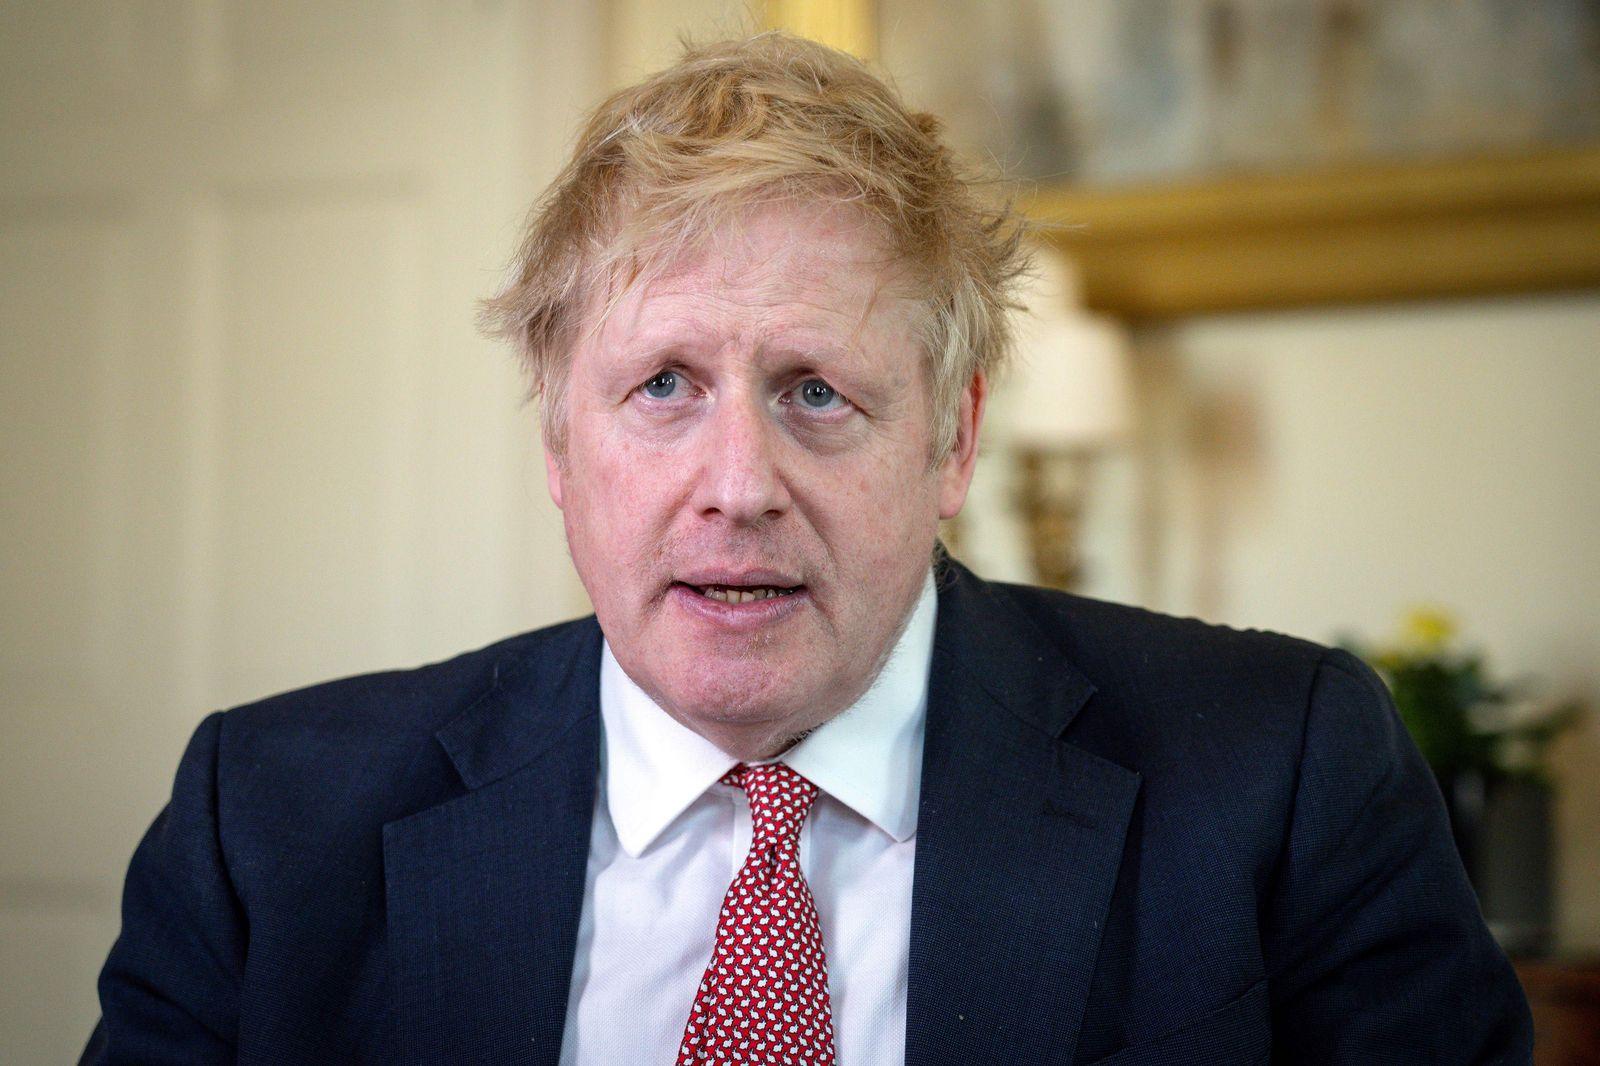 FILES-BRITAIN-HEALTH-VIRUS-POLITICS